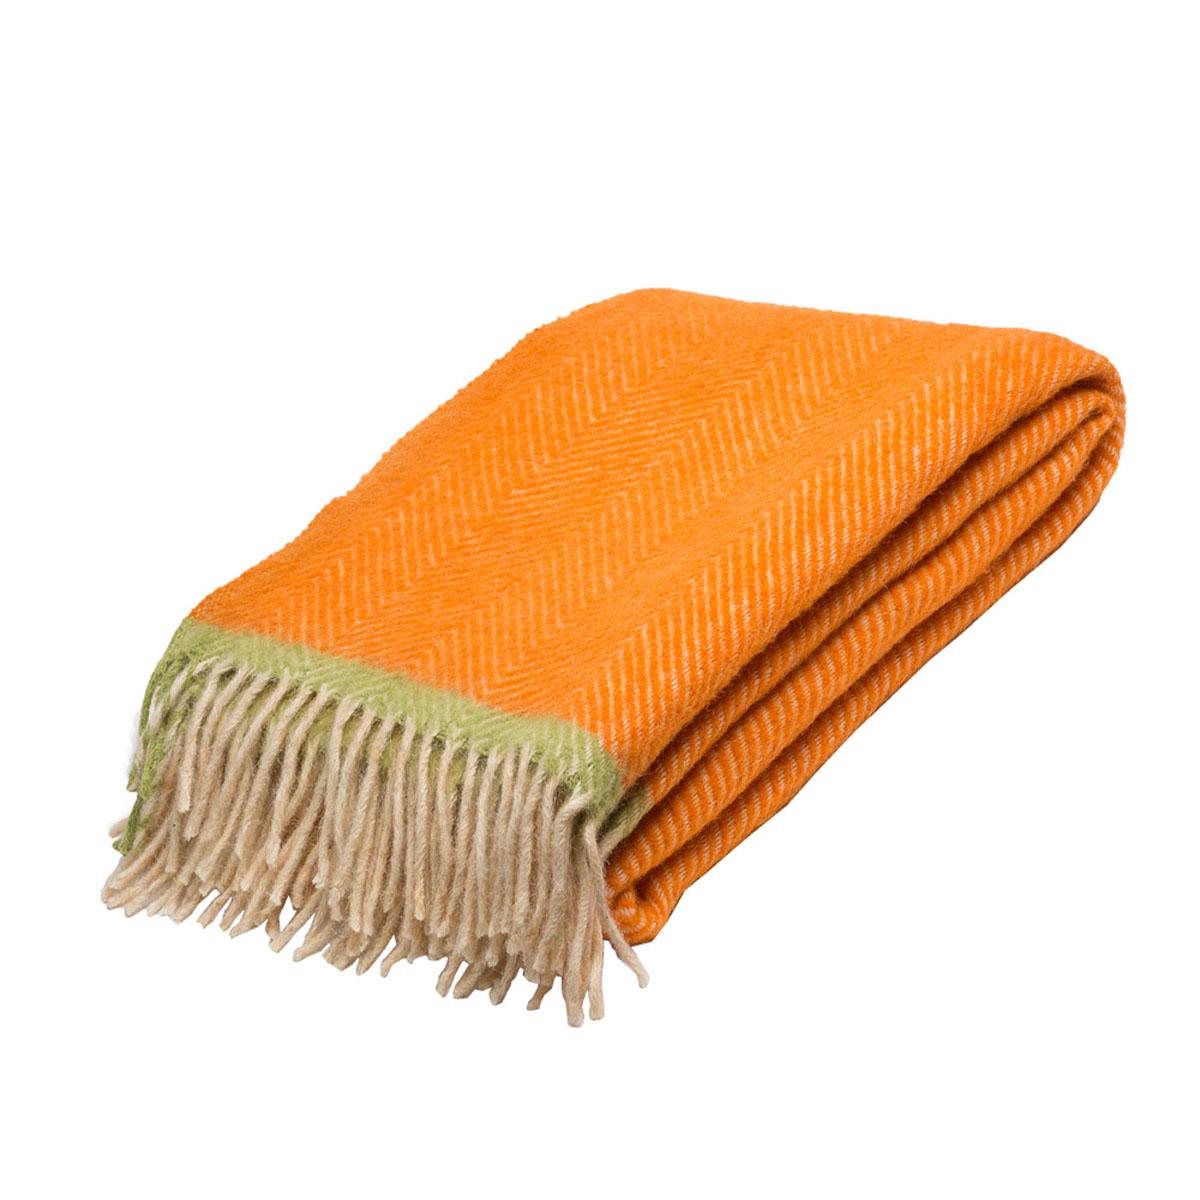 Плед Руно Mone, цвет: оранжевый, светло-бежевый, 140 х 200 см. 1-541-140 (08)58393Плед Руно Mone гармонично впишется в интерьер вашего дома и создаст атмосферу уюта и комфорта. Чрезвычайно мягкий и теплый плед с кистями изготовлен из натуральной овечьей шерсти. Высочайшее качество материала гарантирует безопасность не только взрослых, но и самых маленьких членов семьи.Плед - это такой подарок, который будет всегда актуален, особенно для ваших родных и близких, ведь вы дарите им частичку своего тепла!